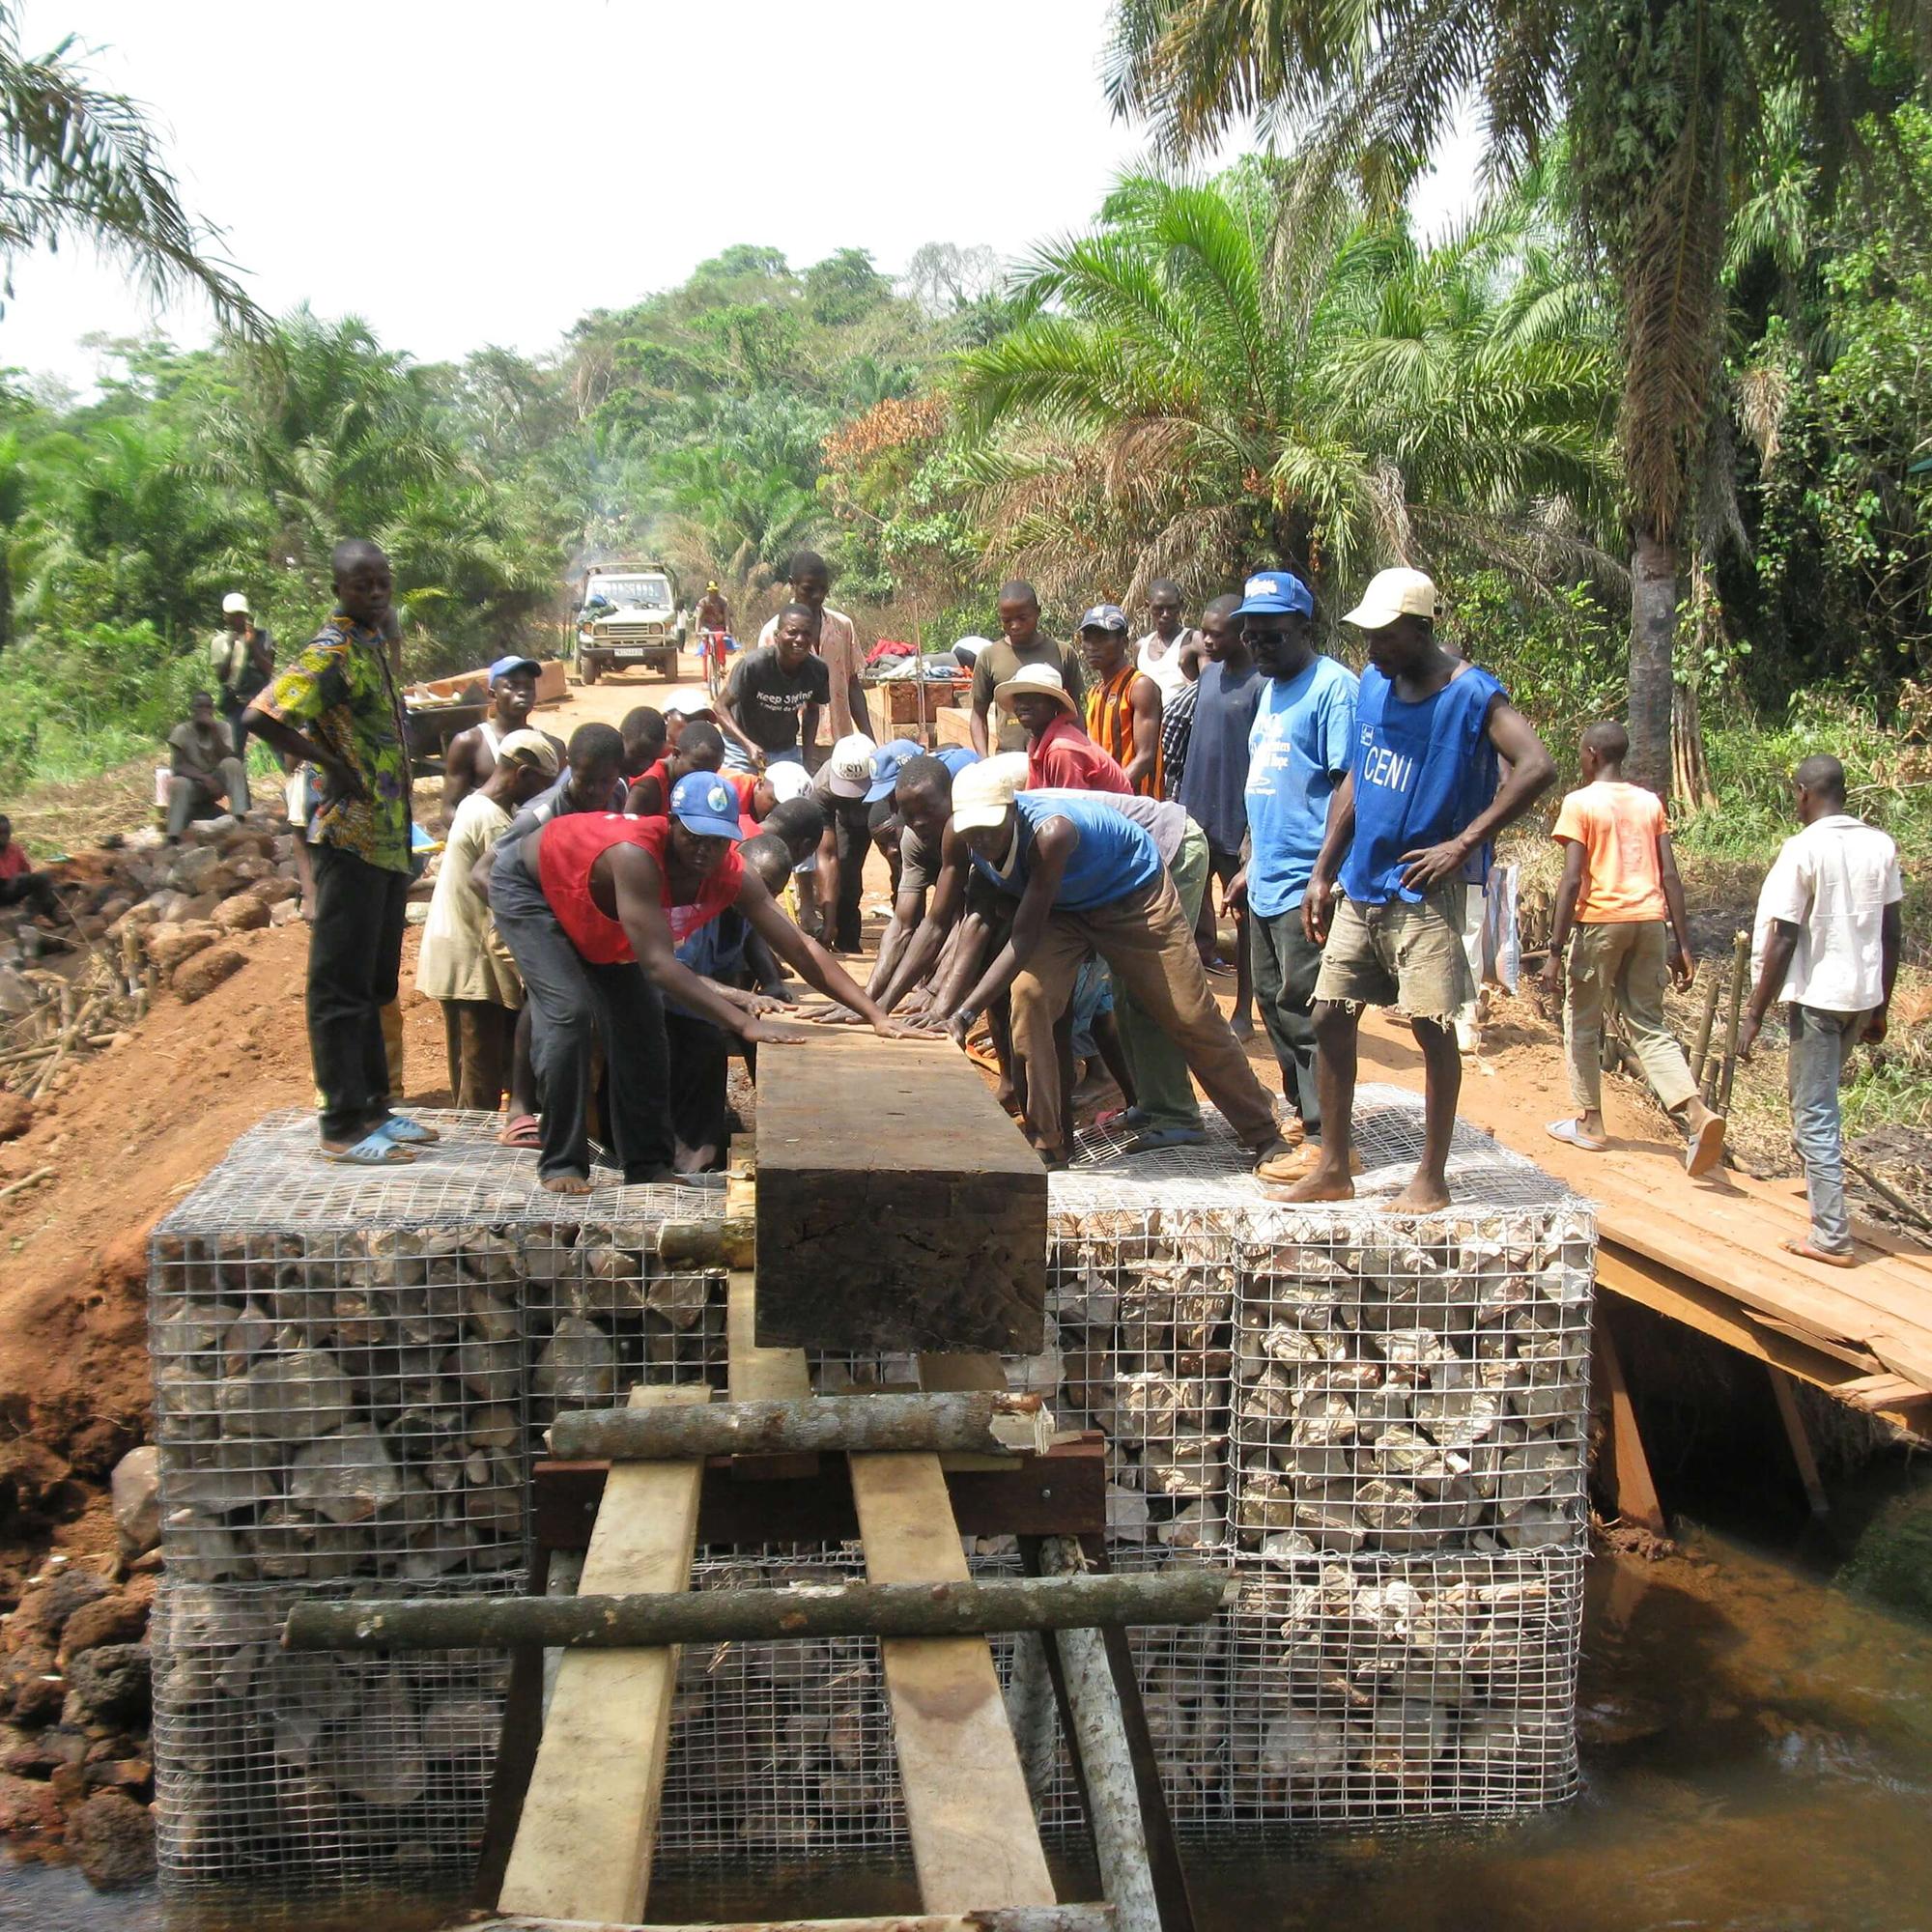 tiny Congo bridge pic 2 2000x2000.jpg